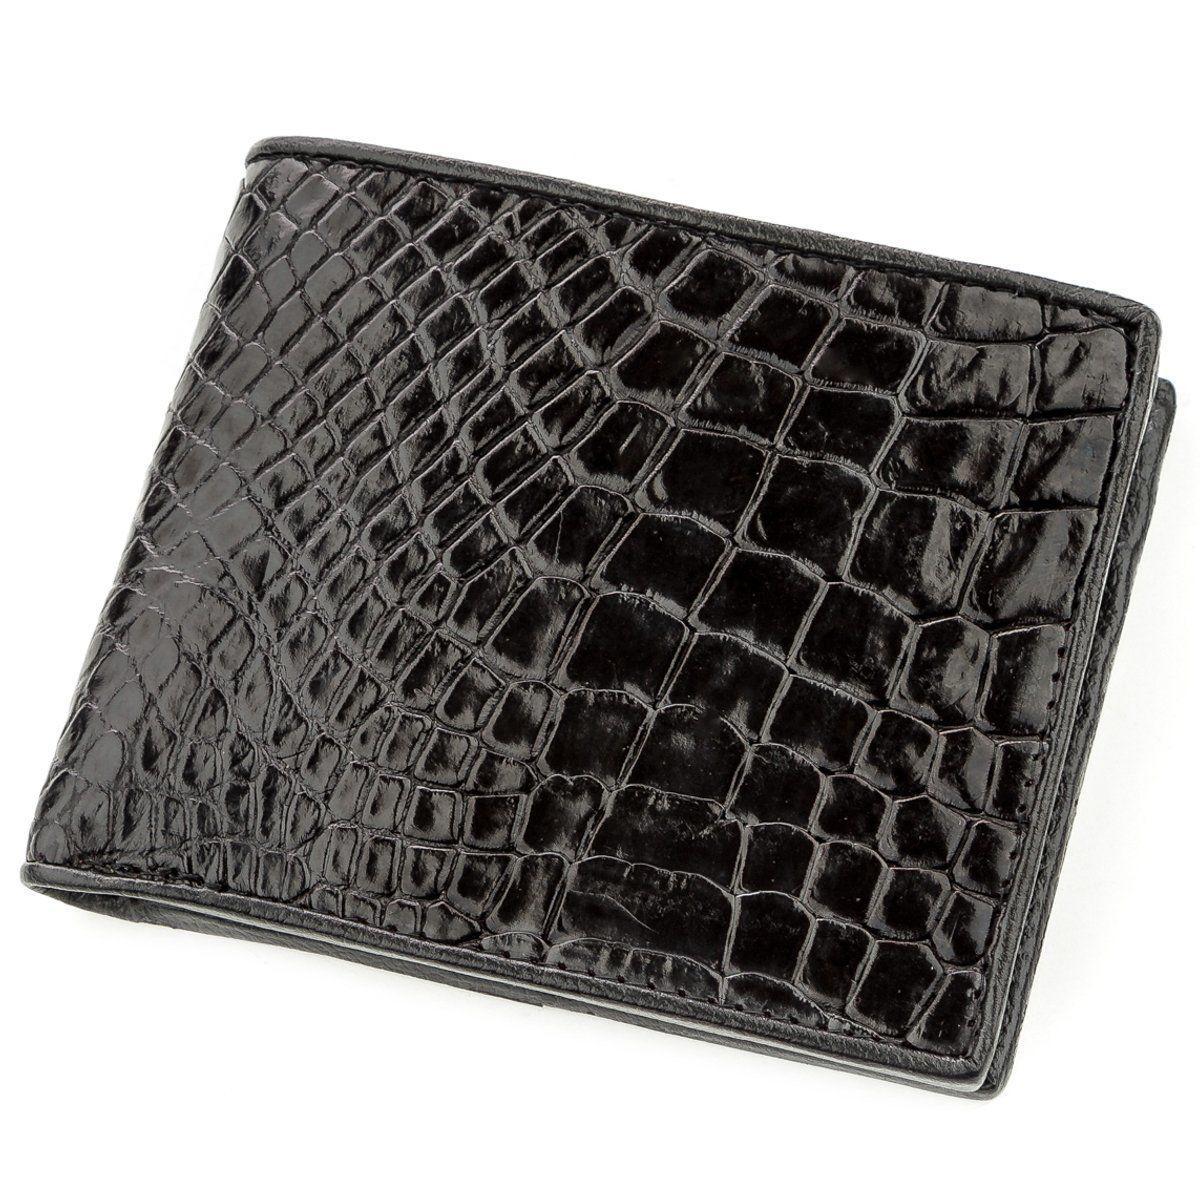 Портмоне Ekzotic Leather из натуральной кожи крокодила Черное (cw 112)